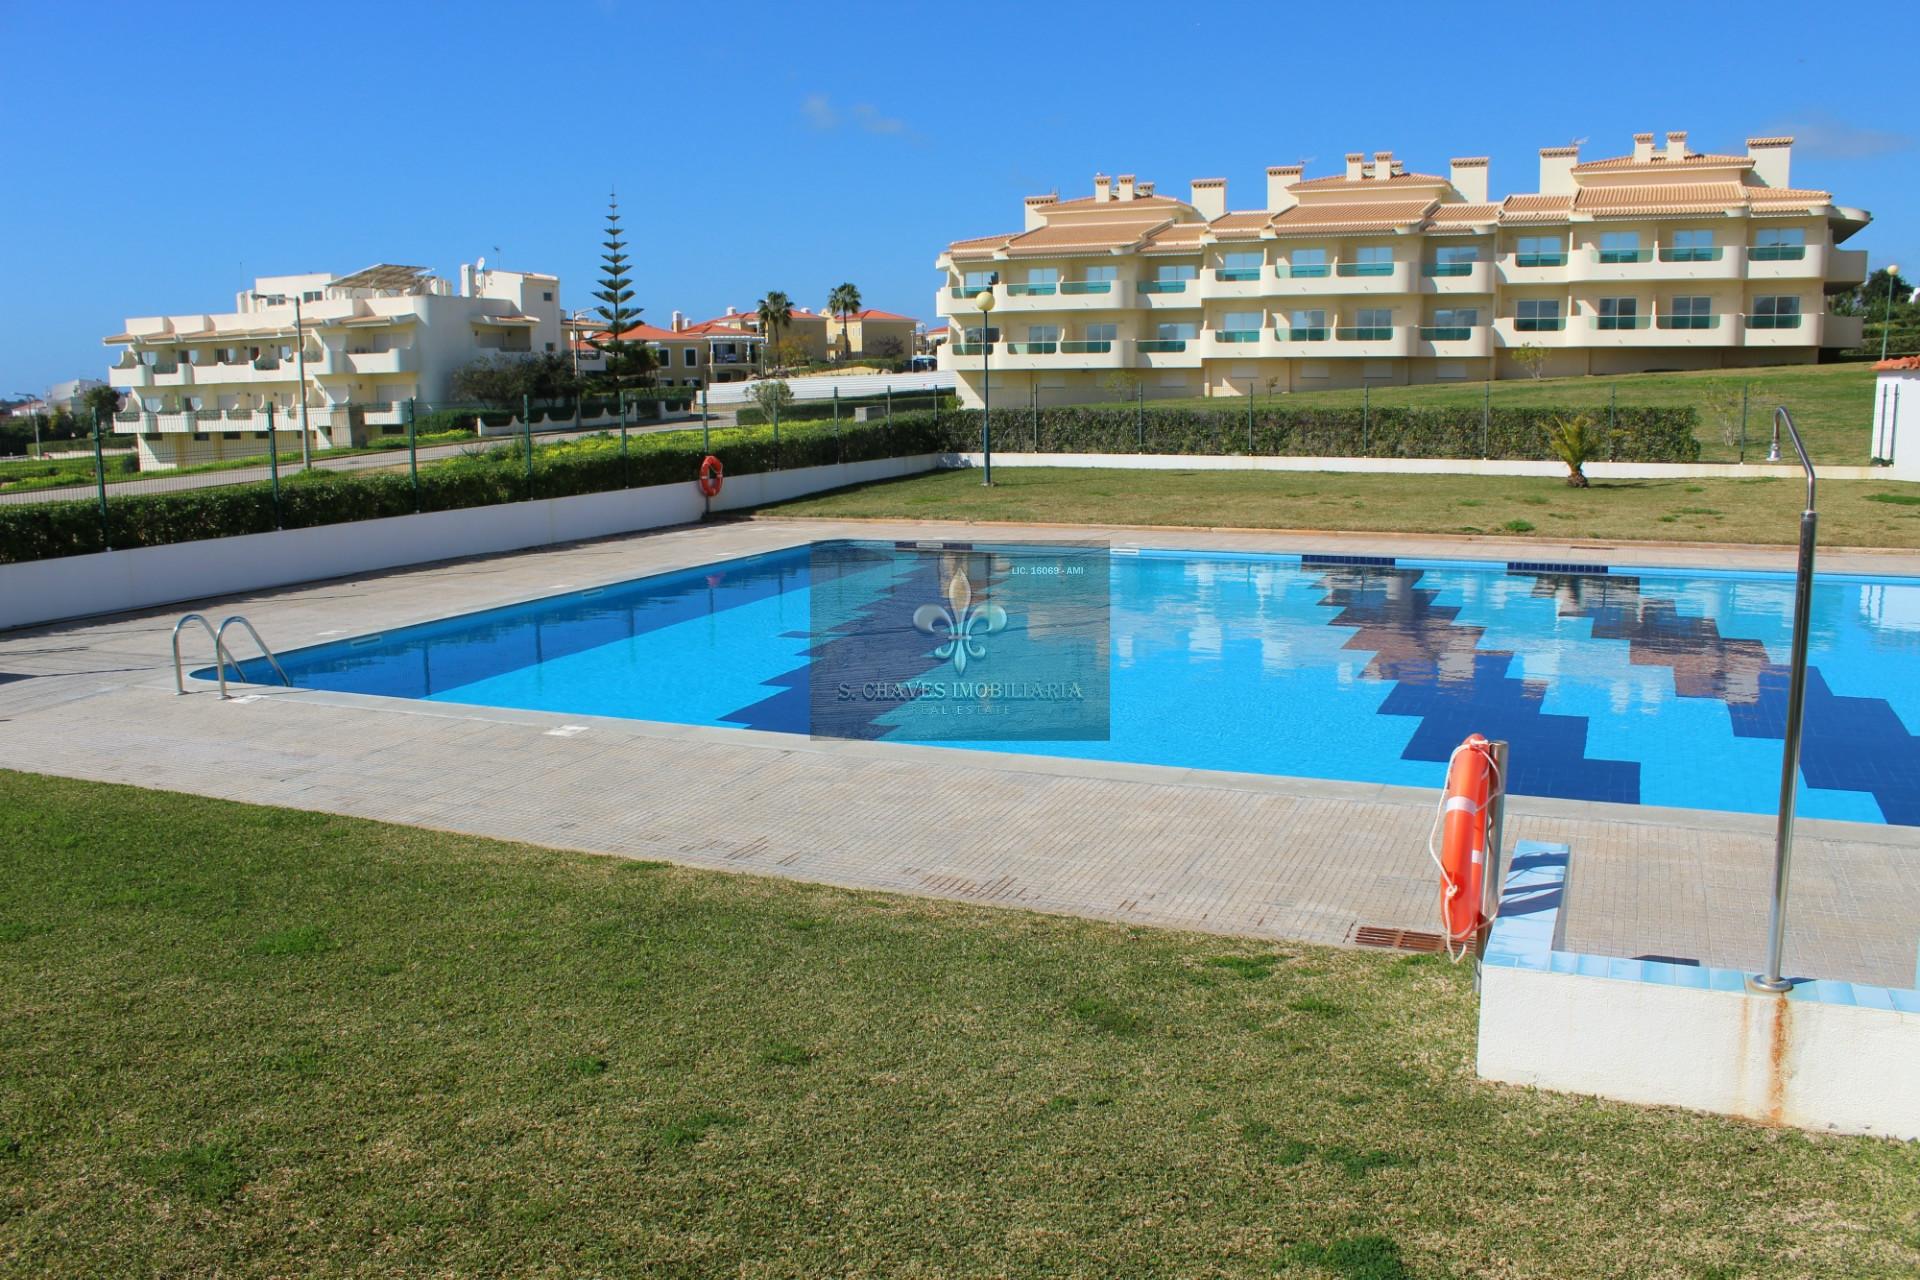 Apartamento T1 com piscina - Alporchinhos - Porches